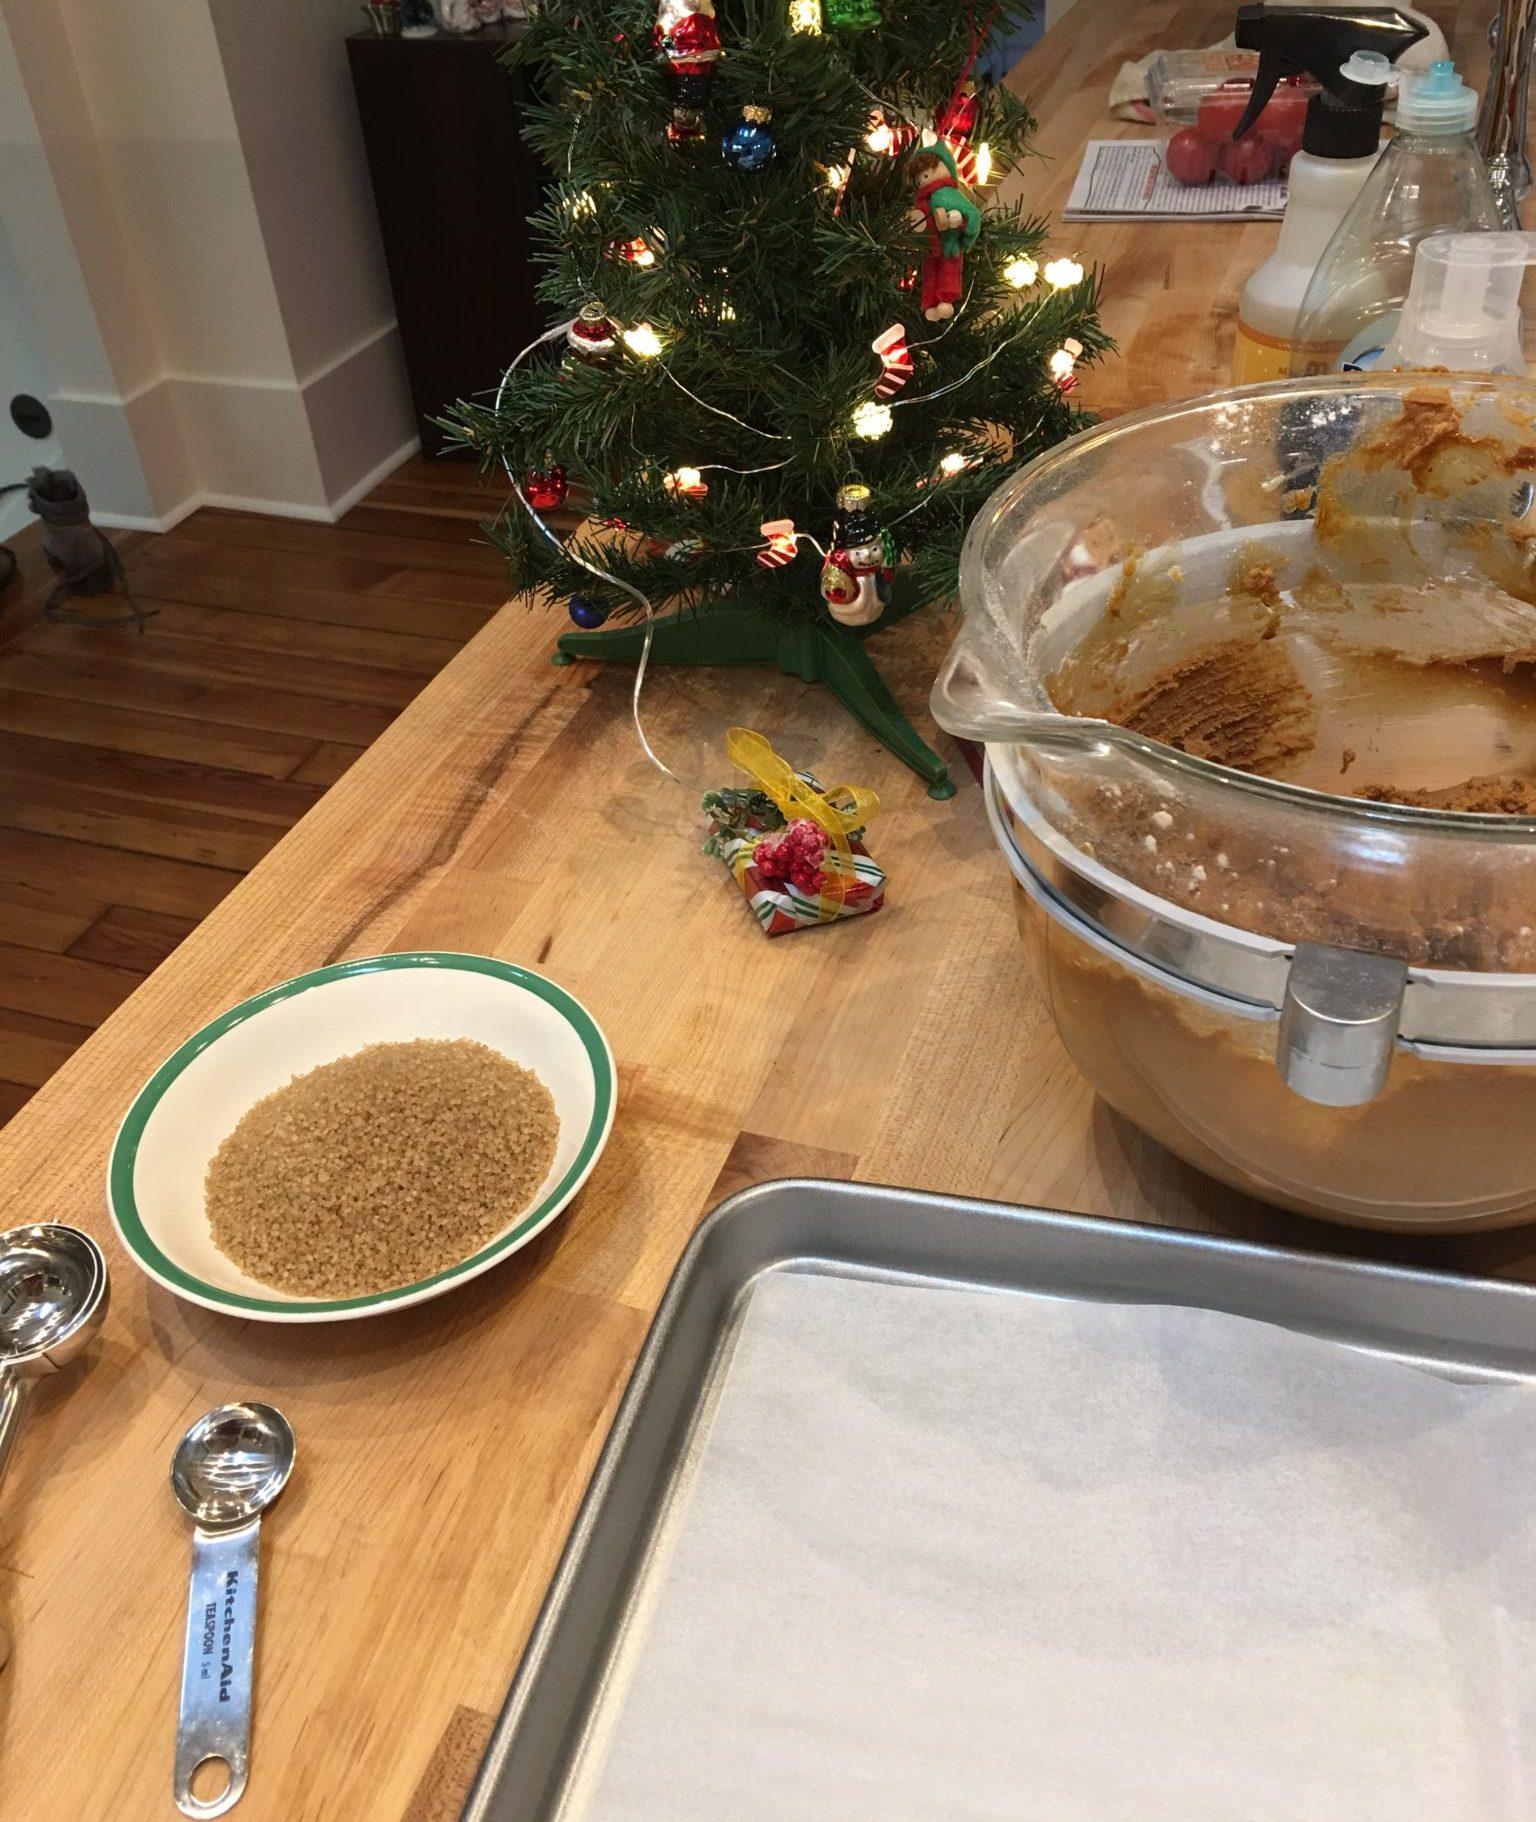 preparing to sugar cookies